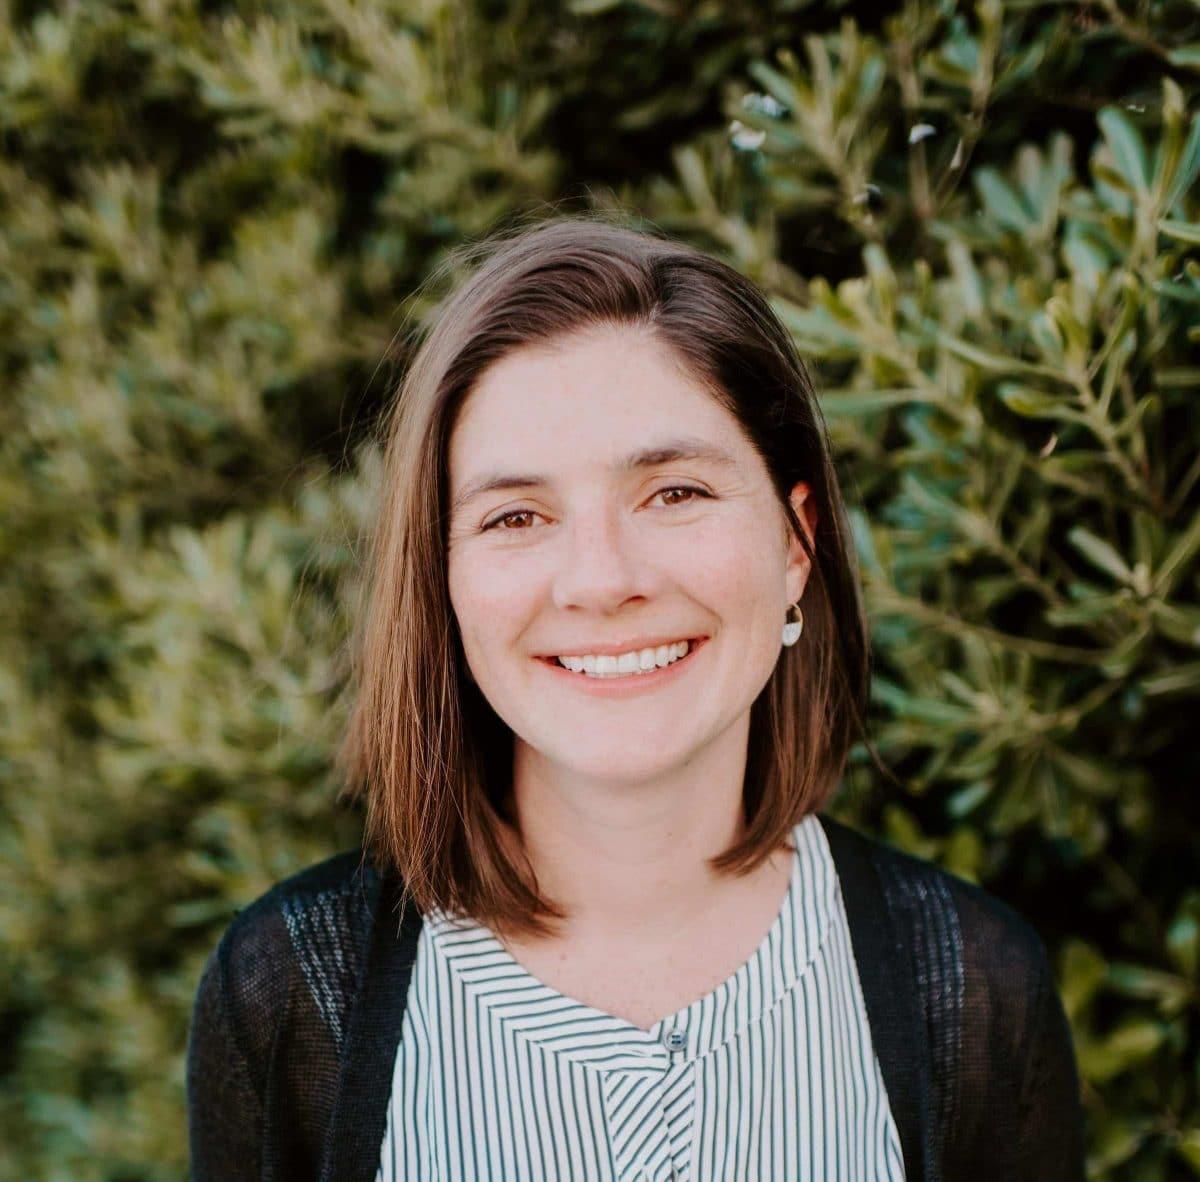 Alison Mountford